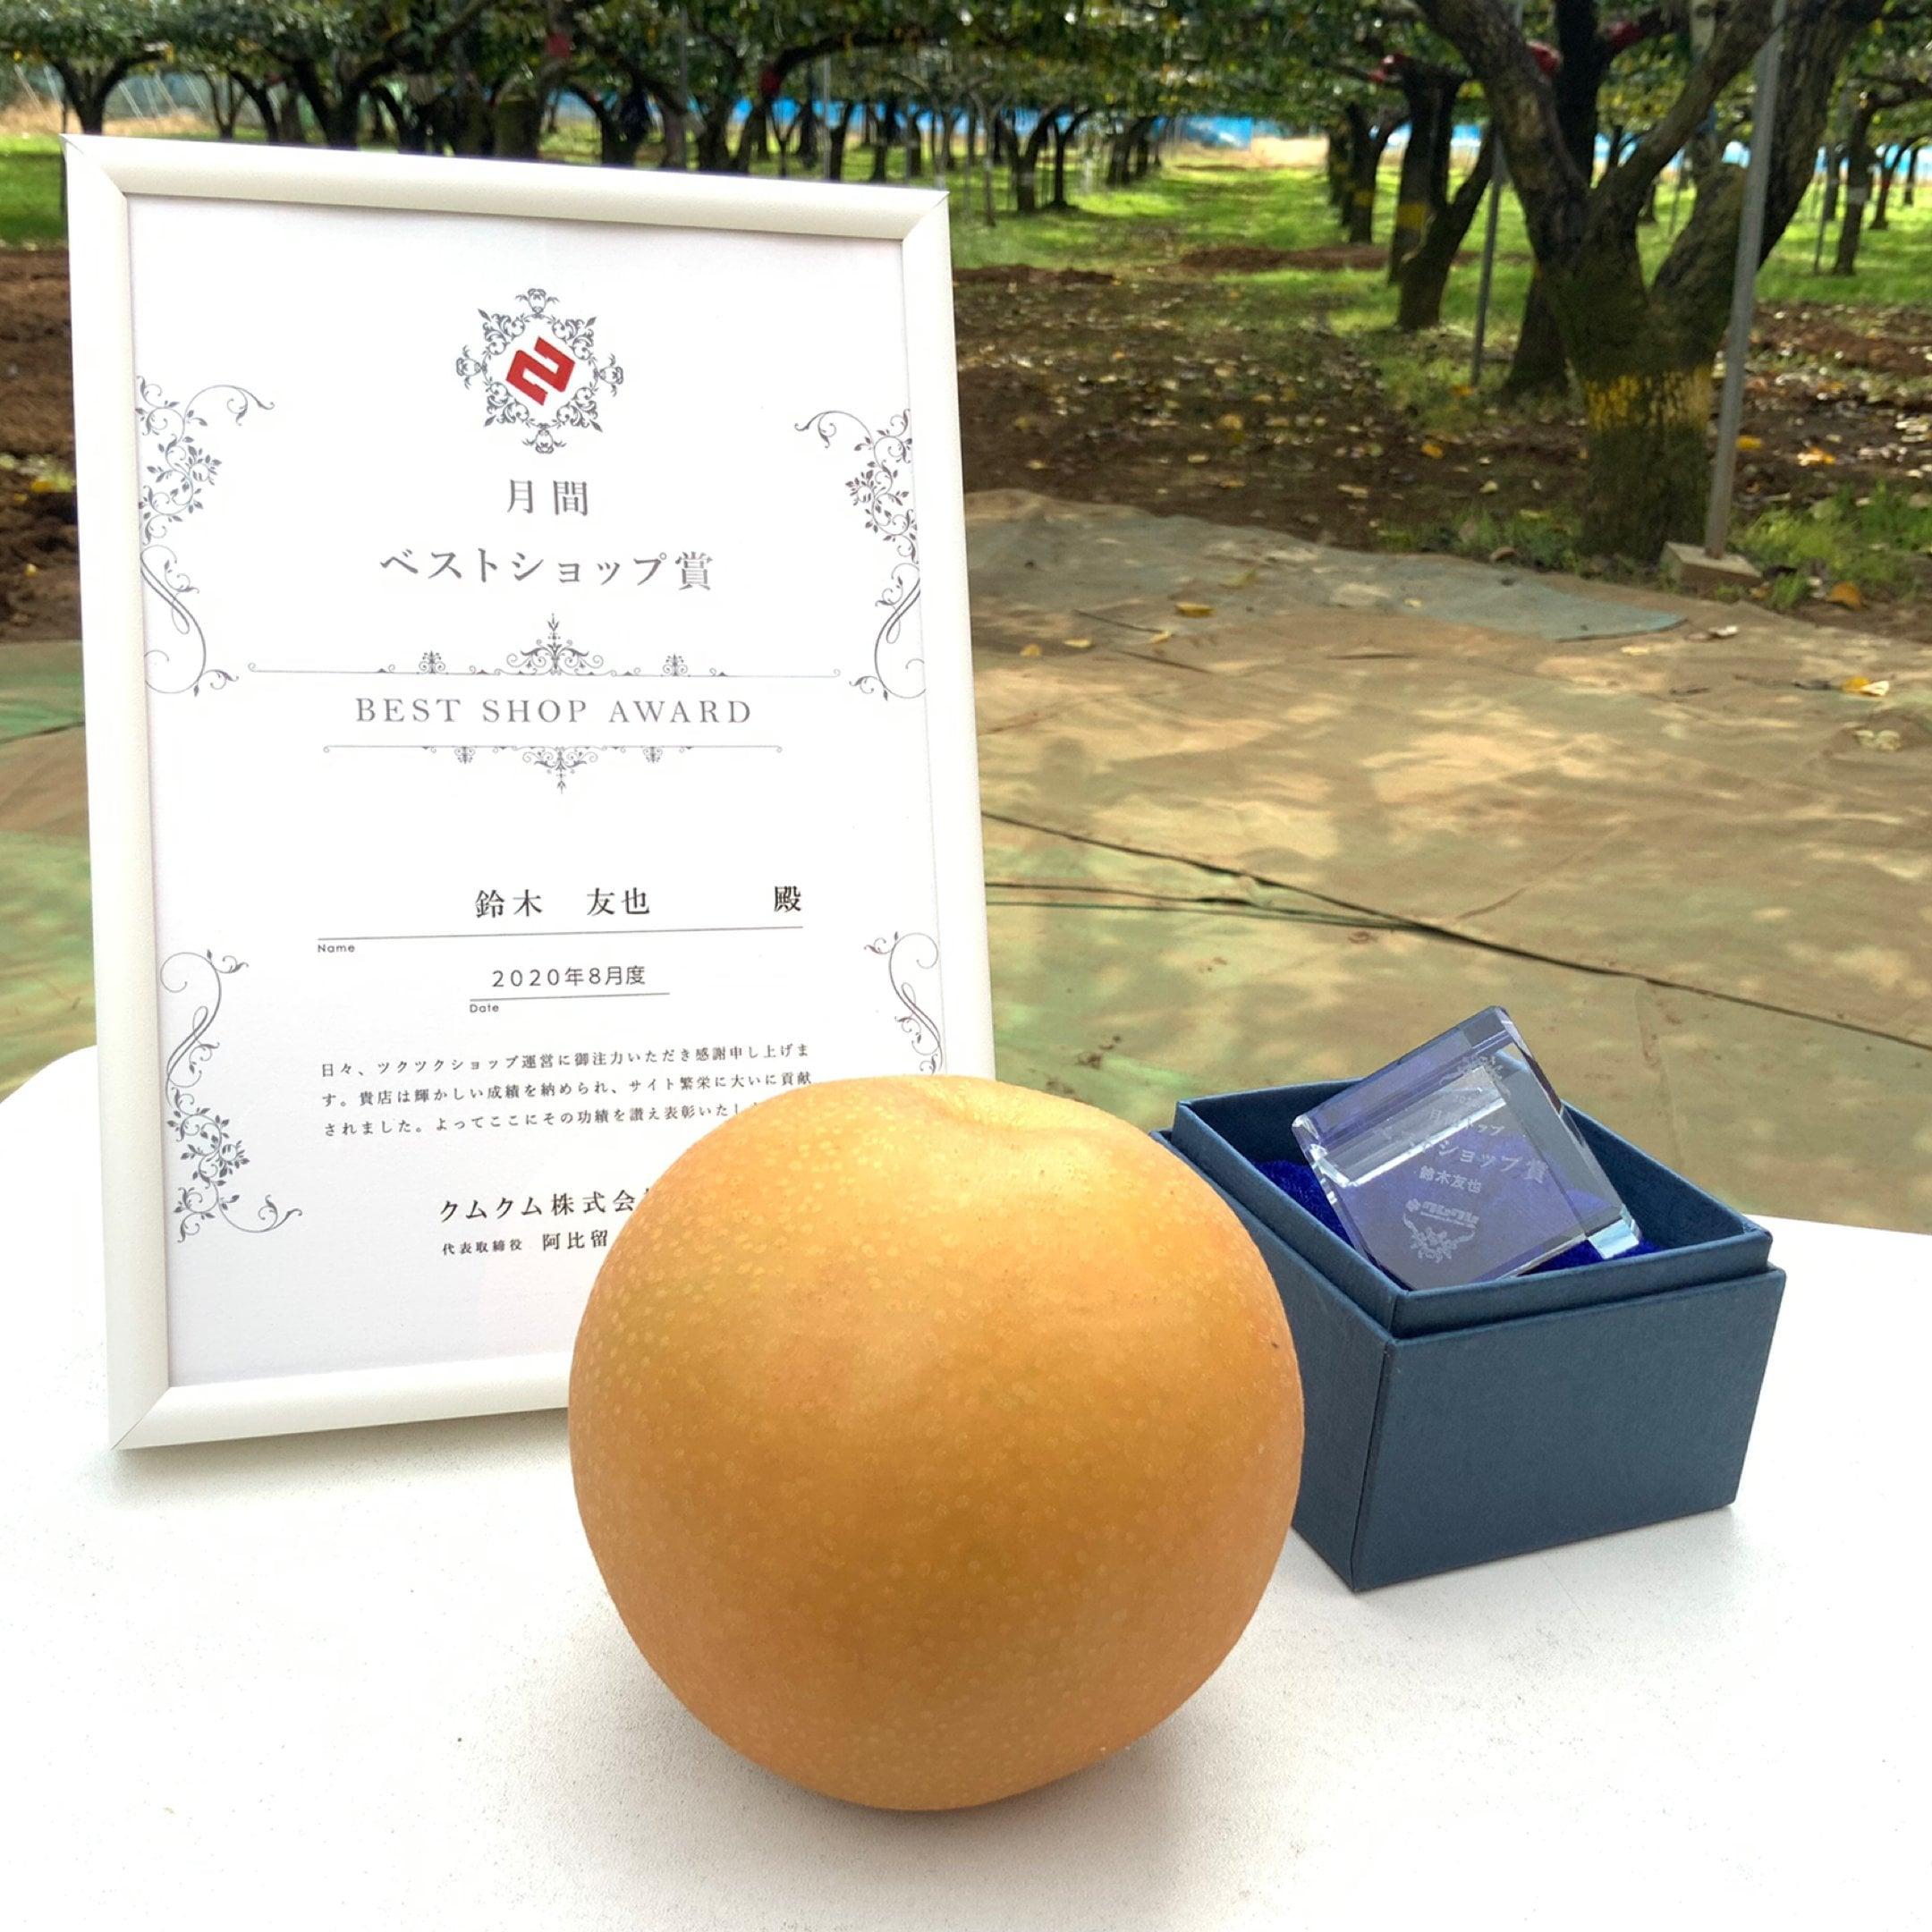 ベストショップ賞の賞状とクリスタルと梨